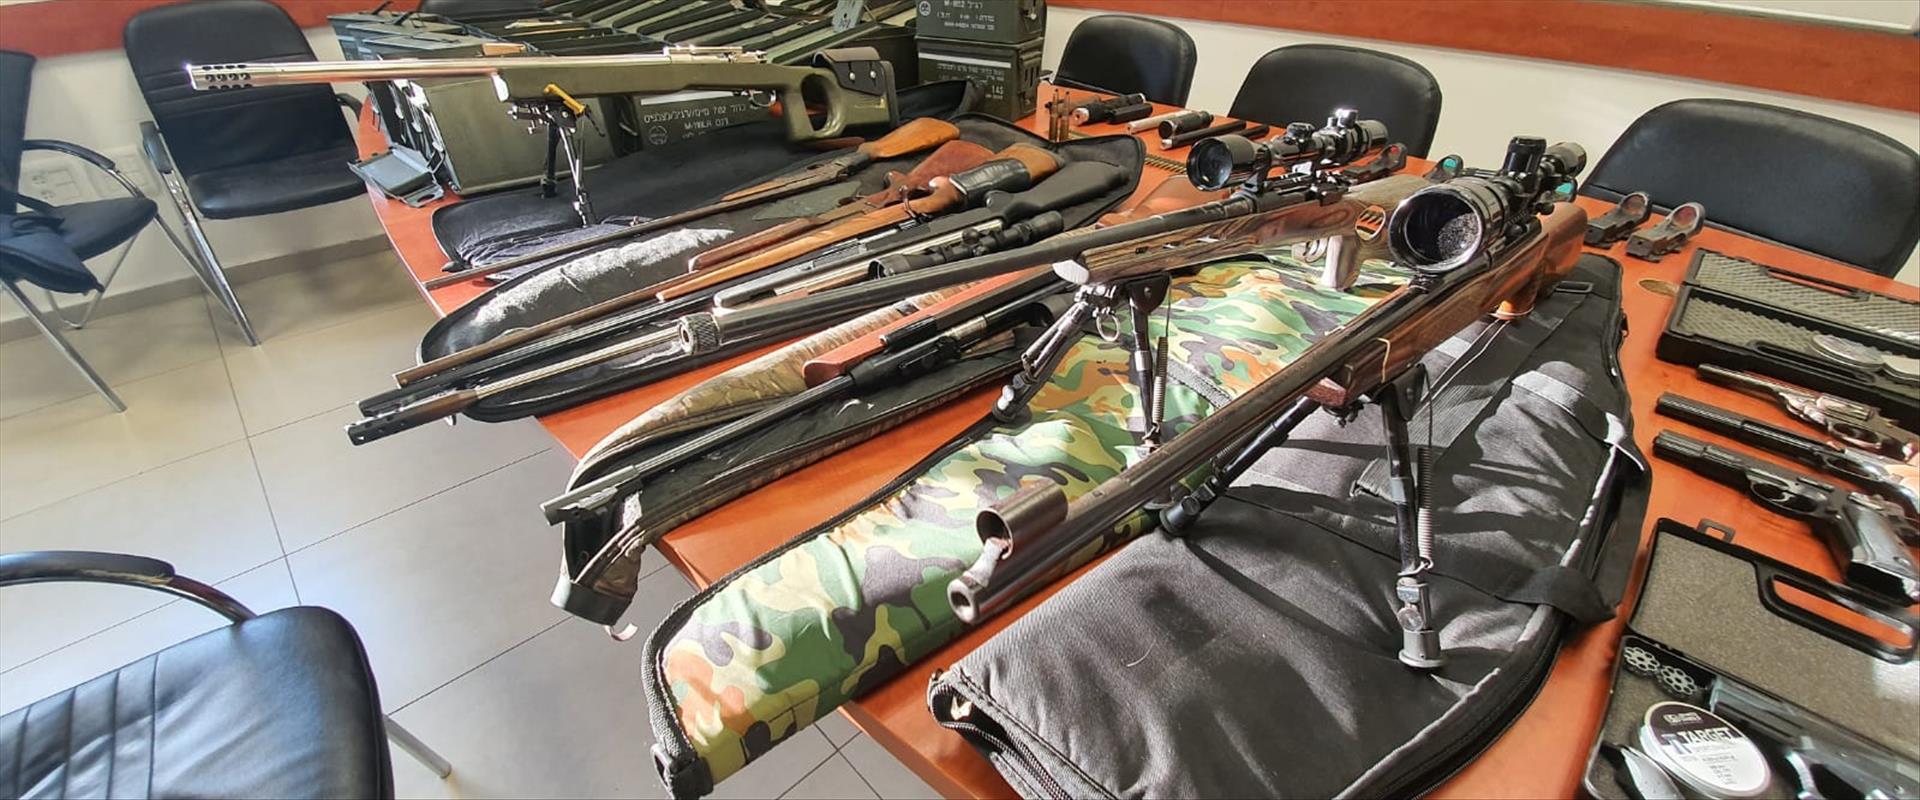 כלי נשק שנמצאו בבית בשומרון